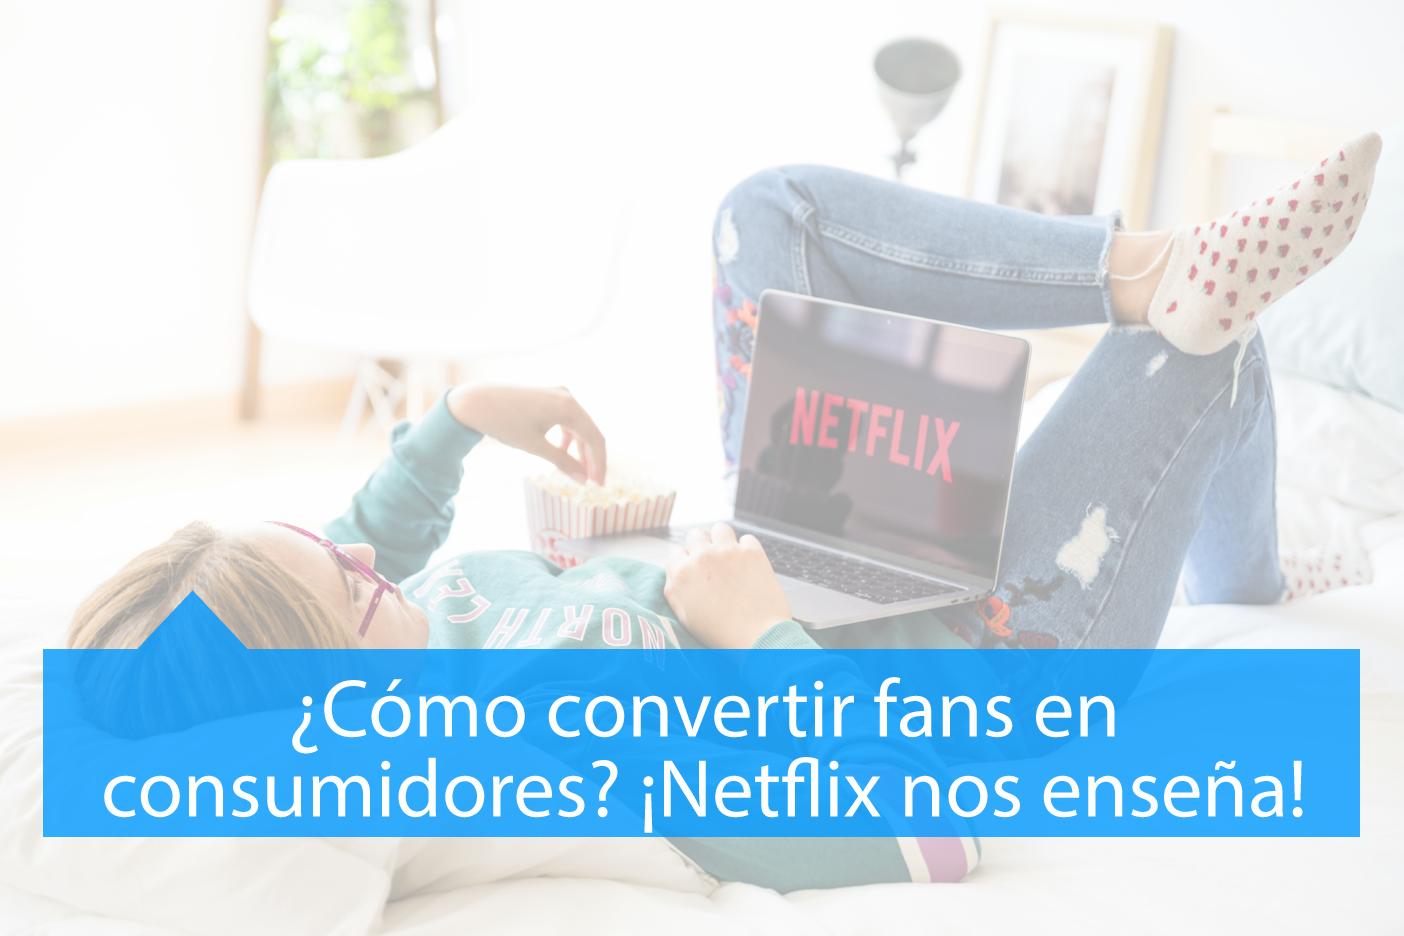 Netflix nos enseña convertir Fans en Consumidores